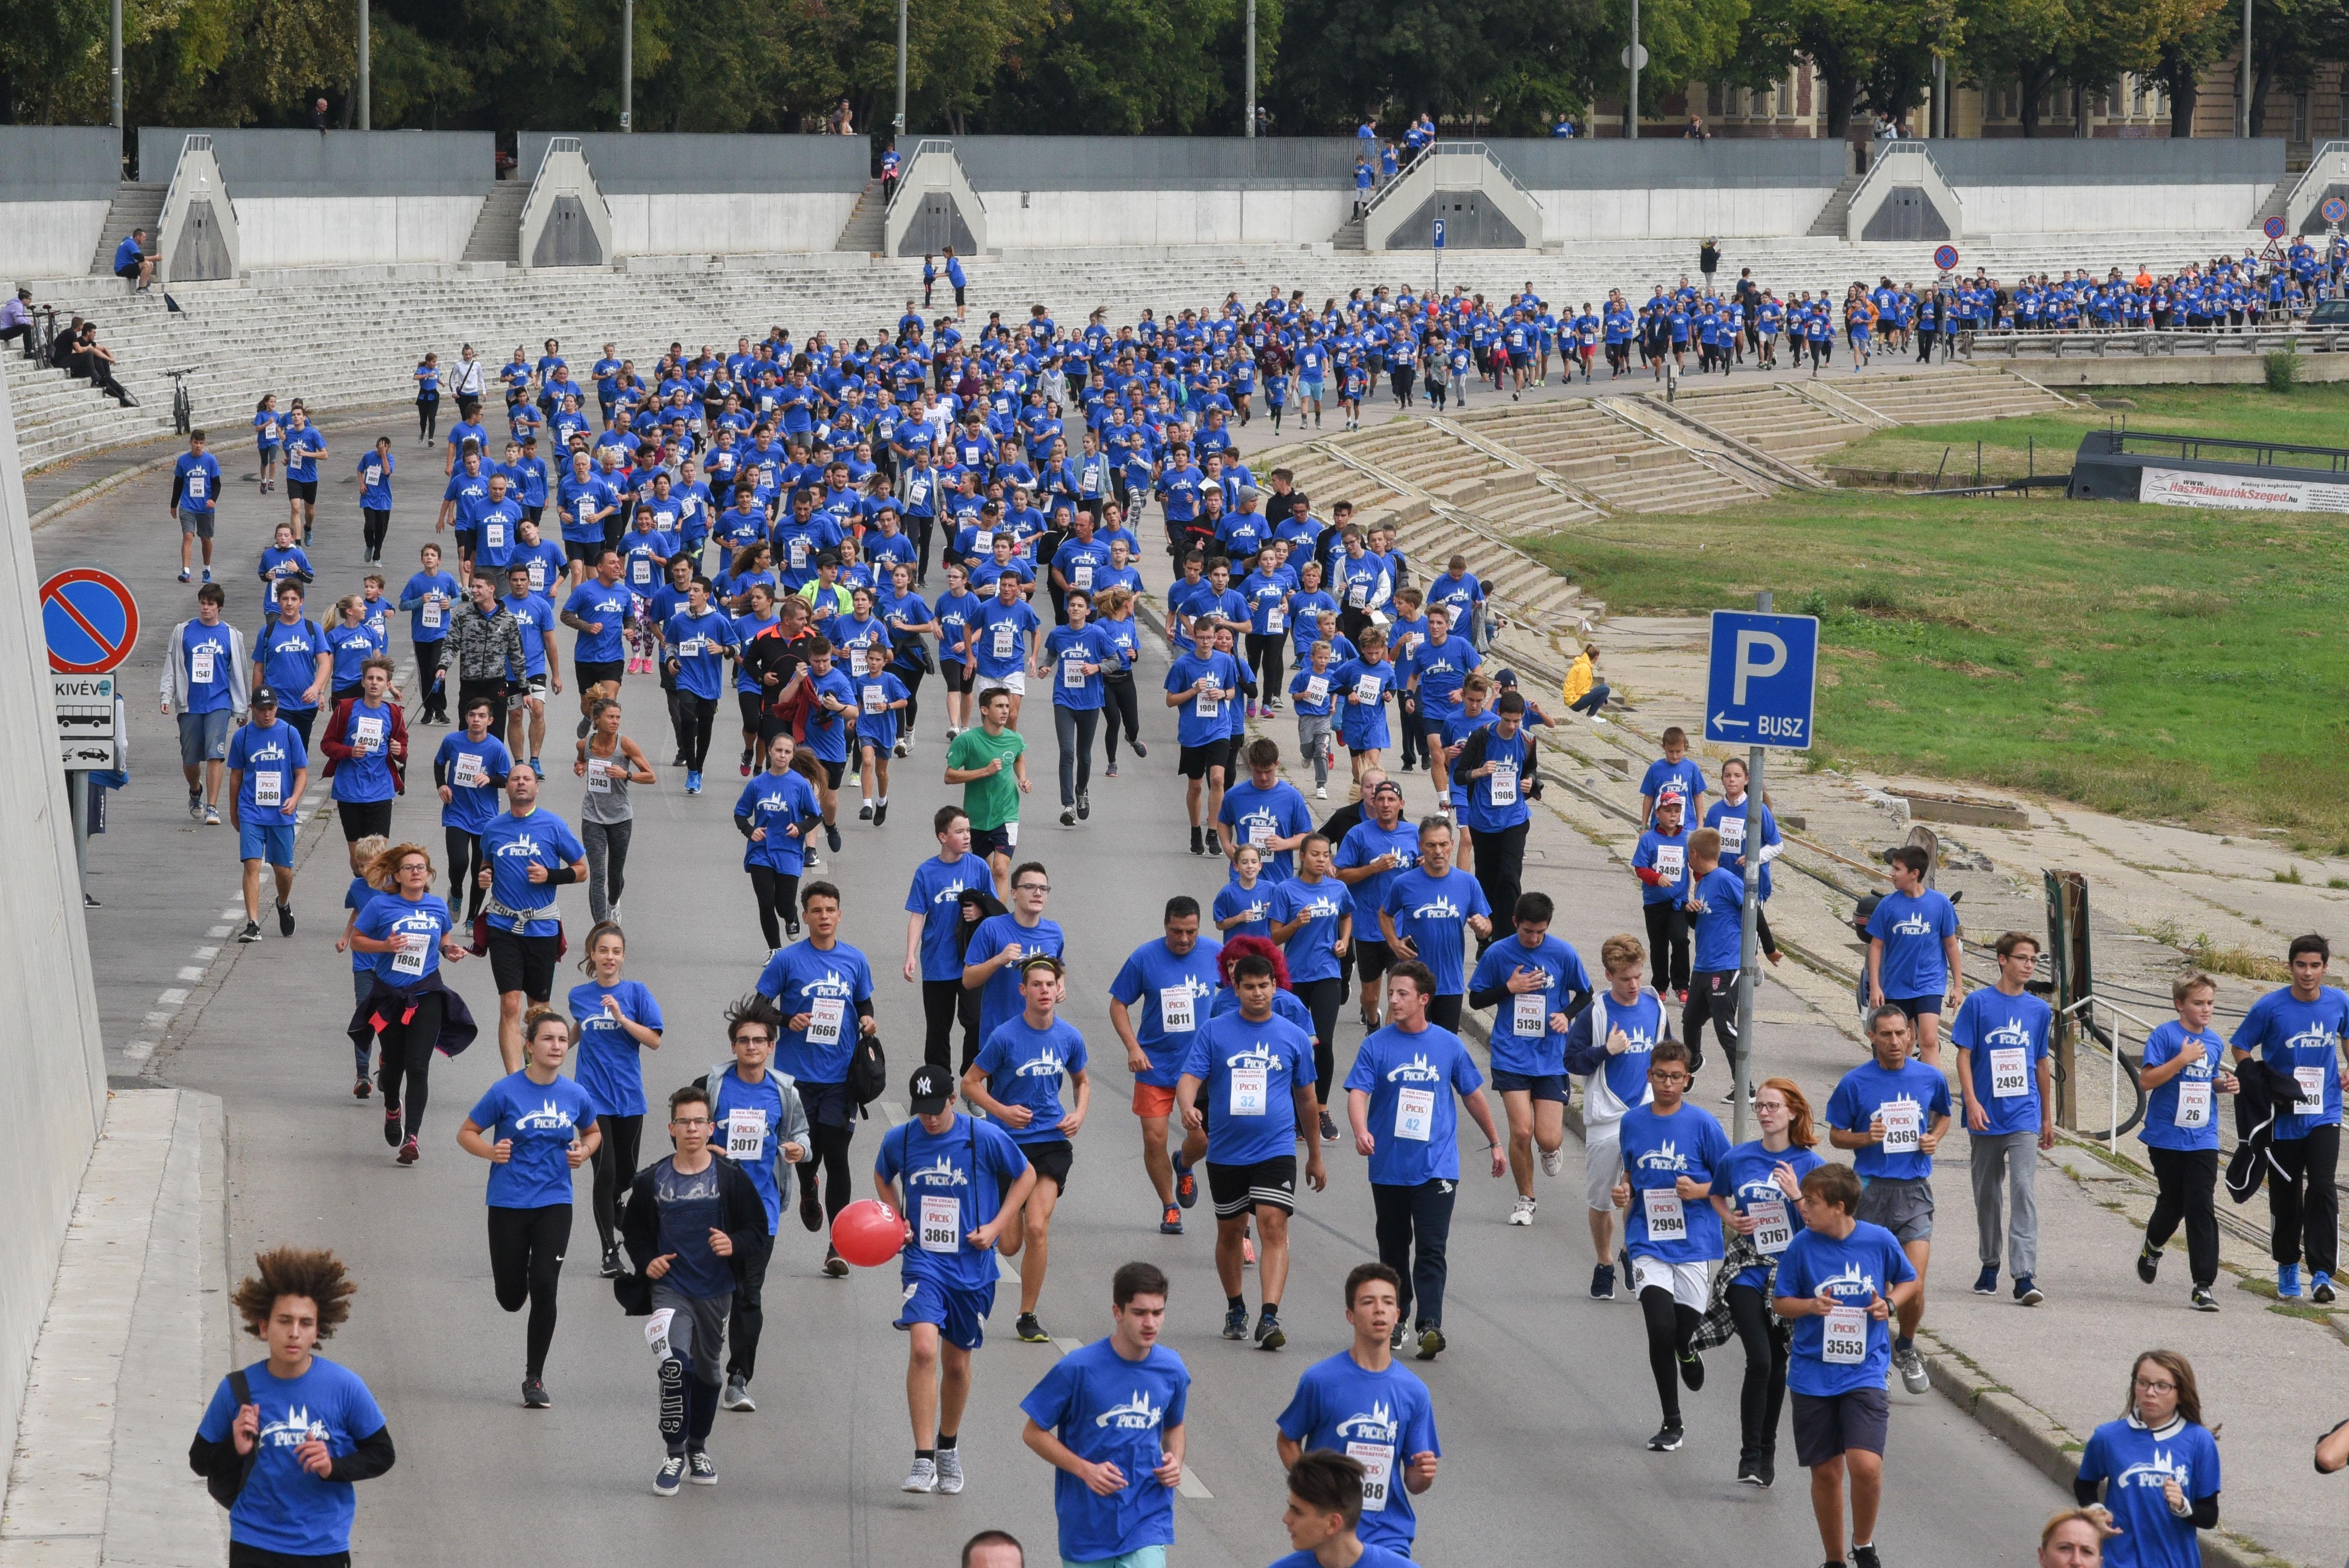 6200-an öltöztek be kékbe a Pick-futáson